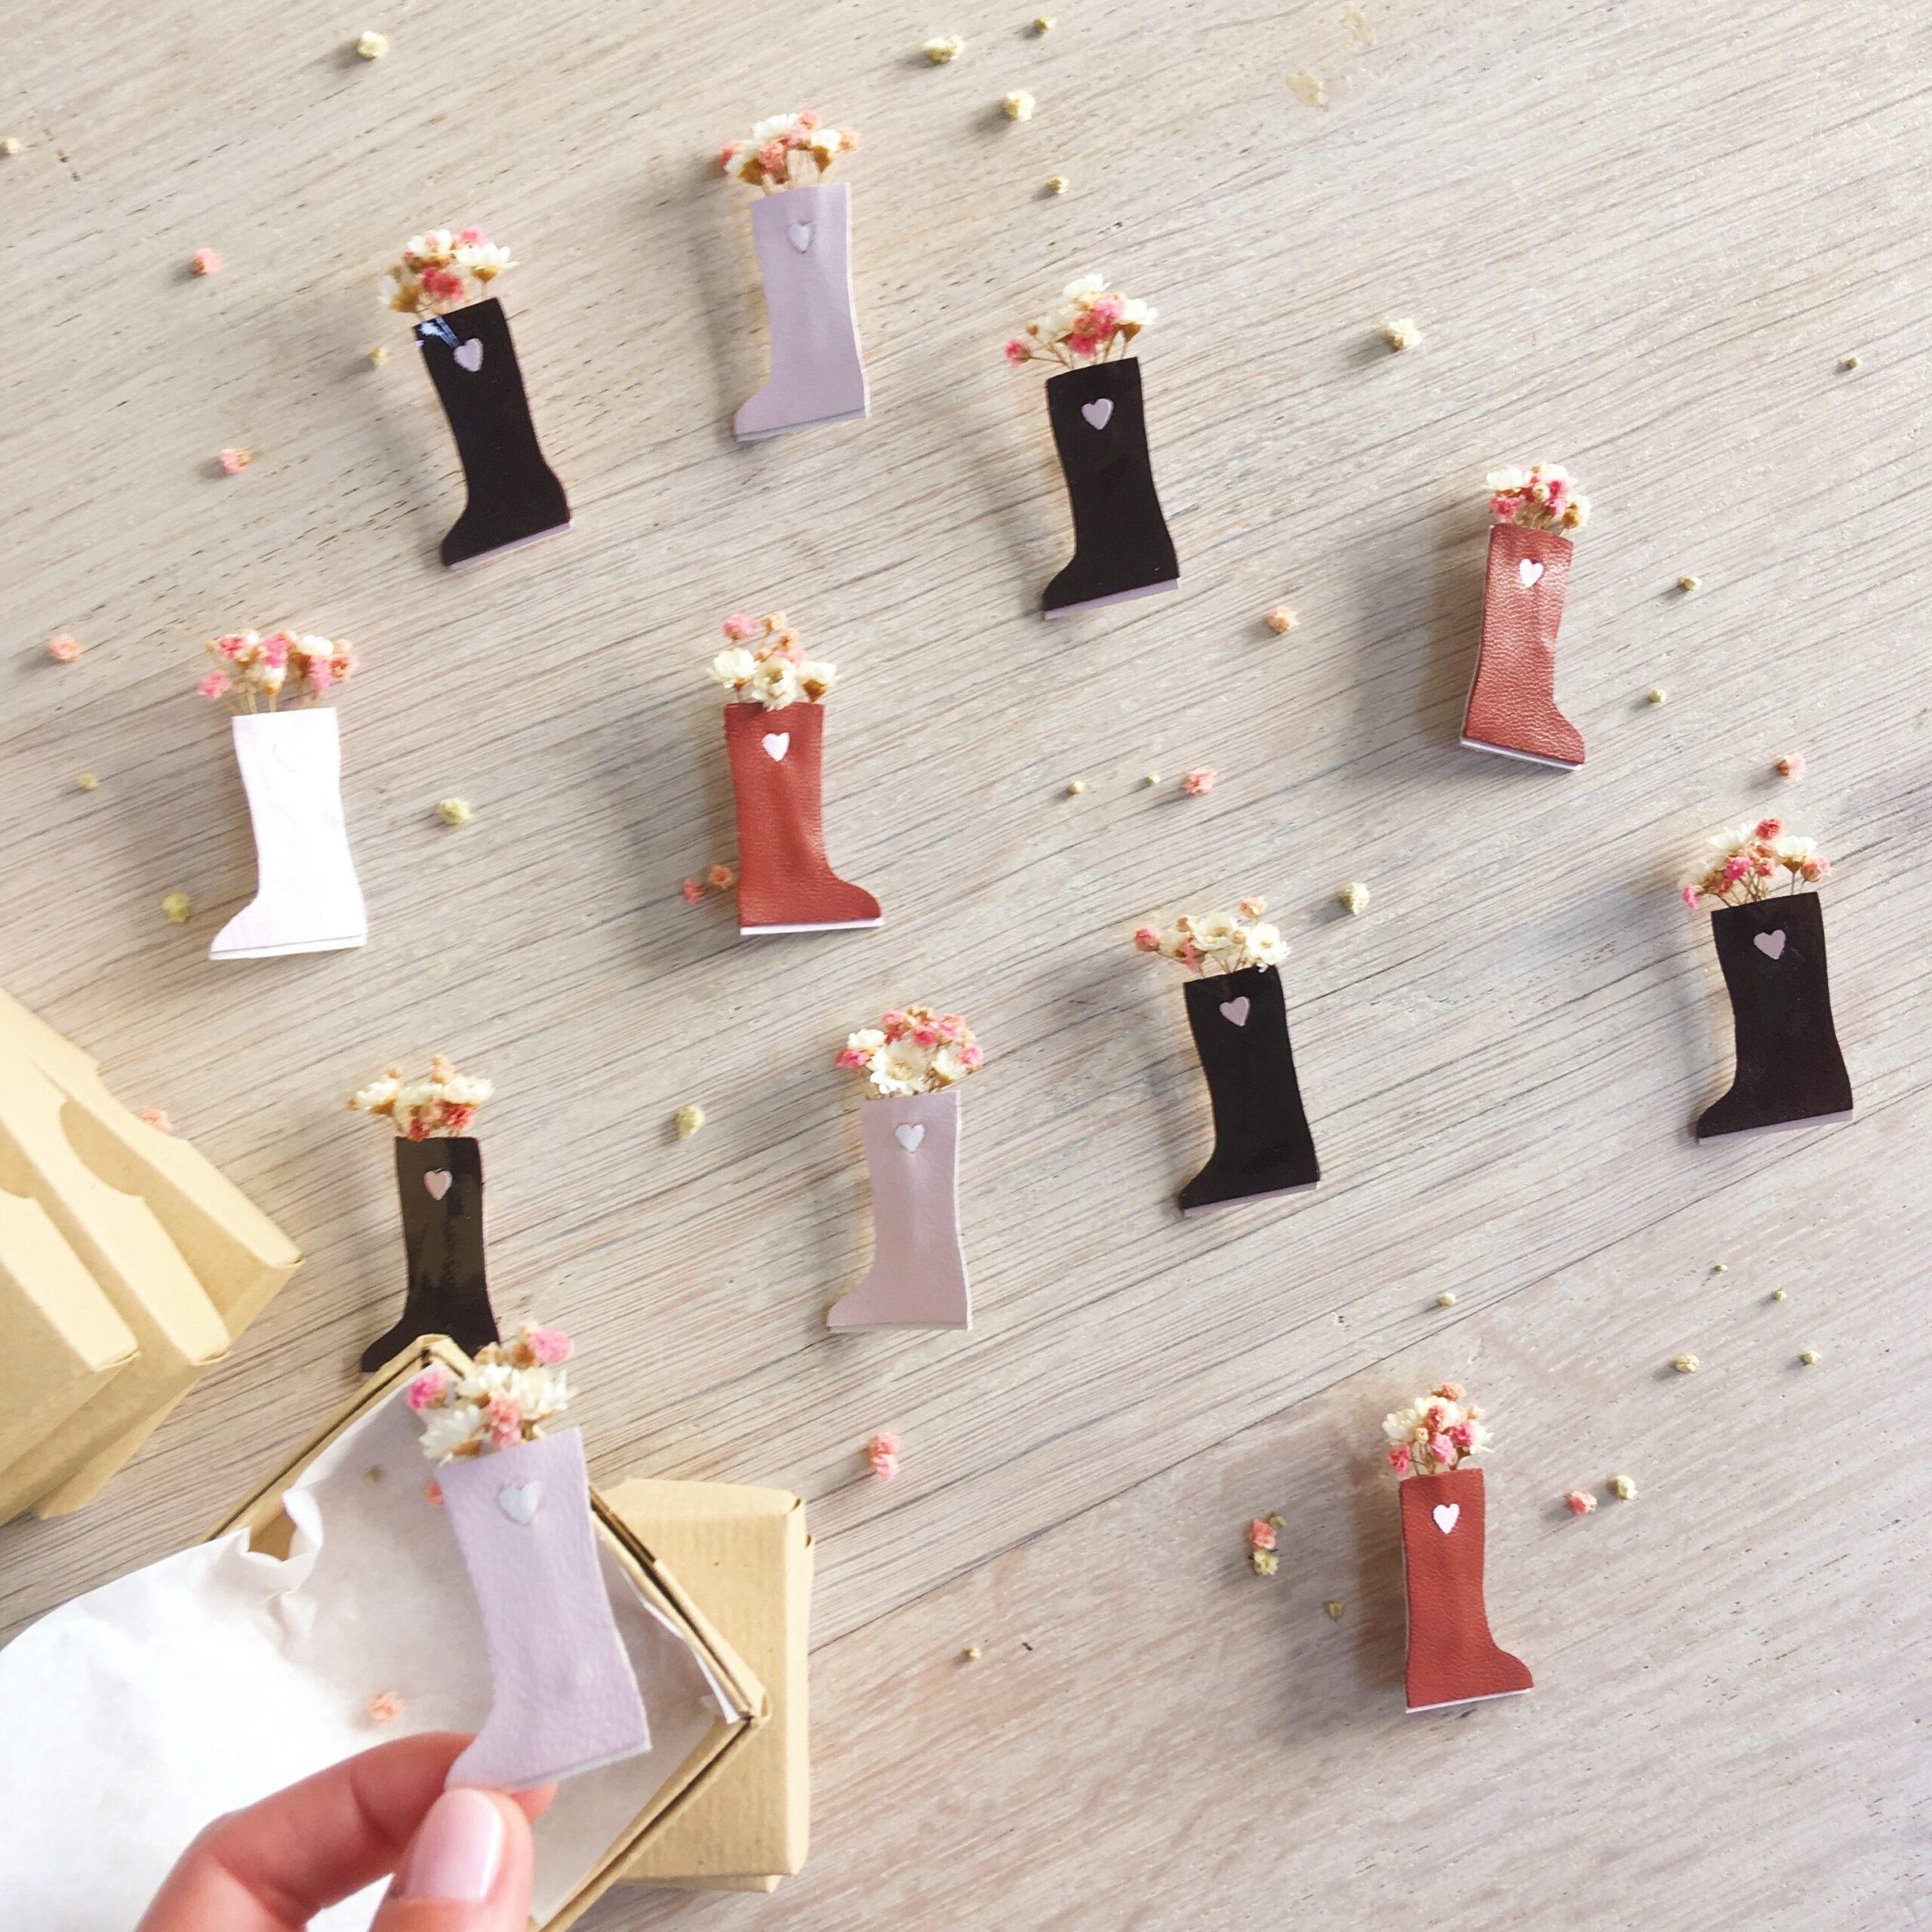 broche fleurie en cuir femme botte de fleurs séchées bijou made in France - du vent dans mes valises